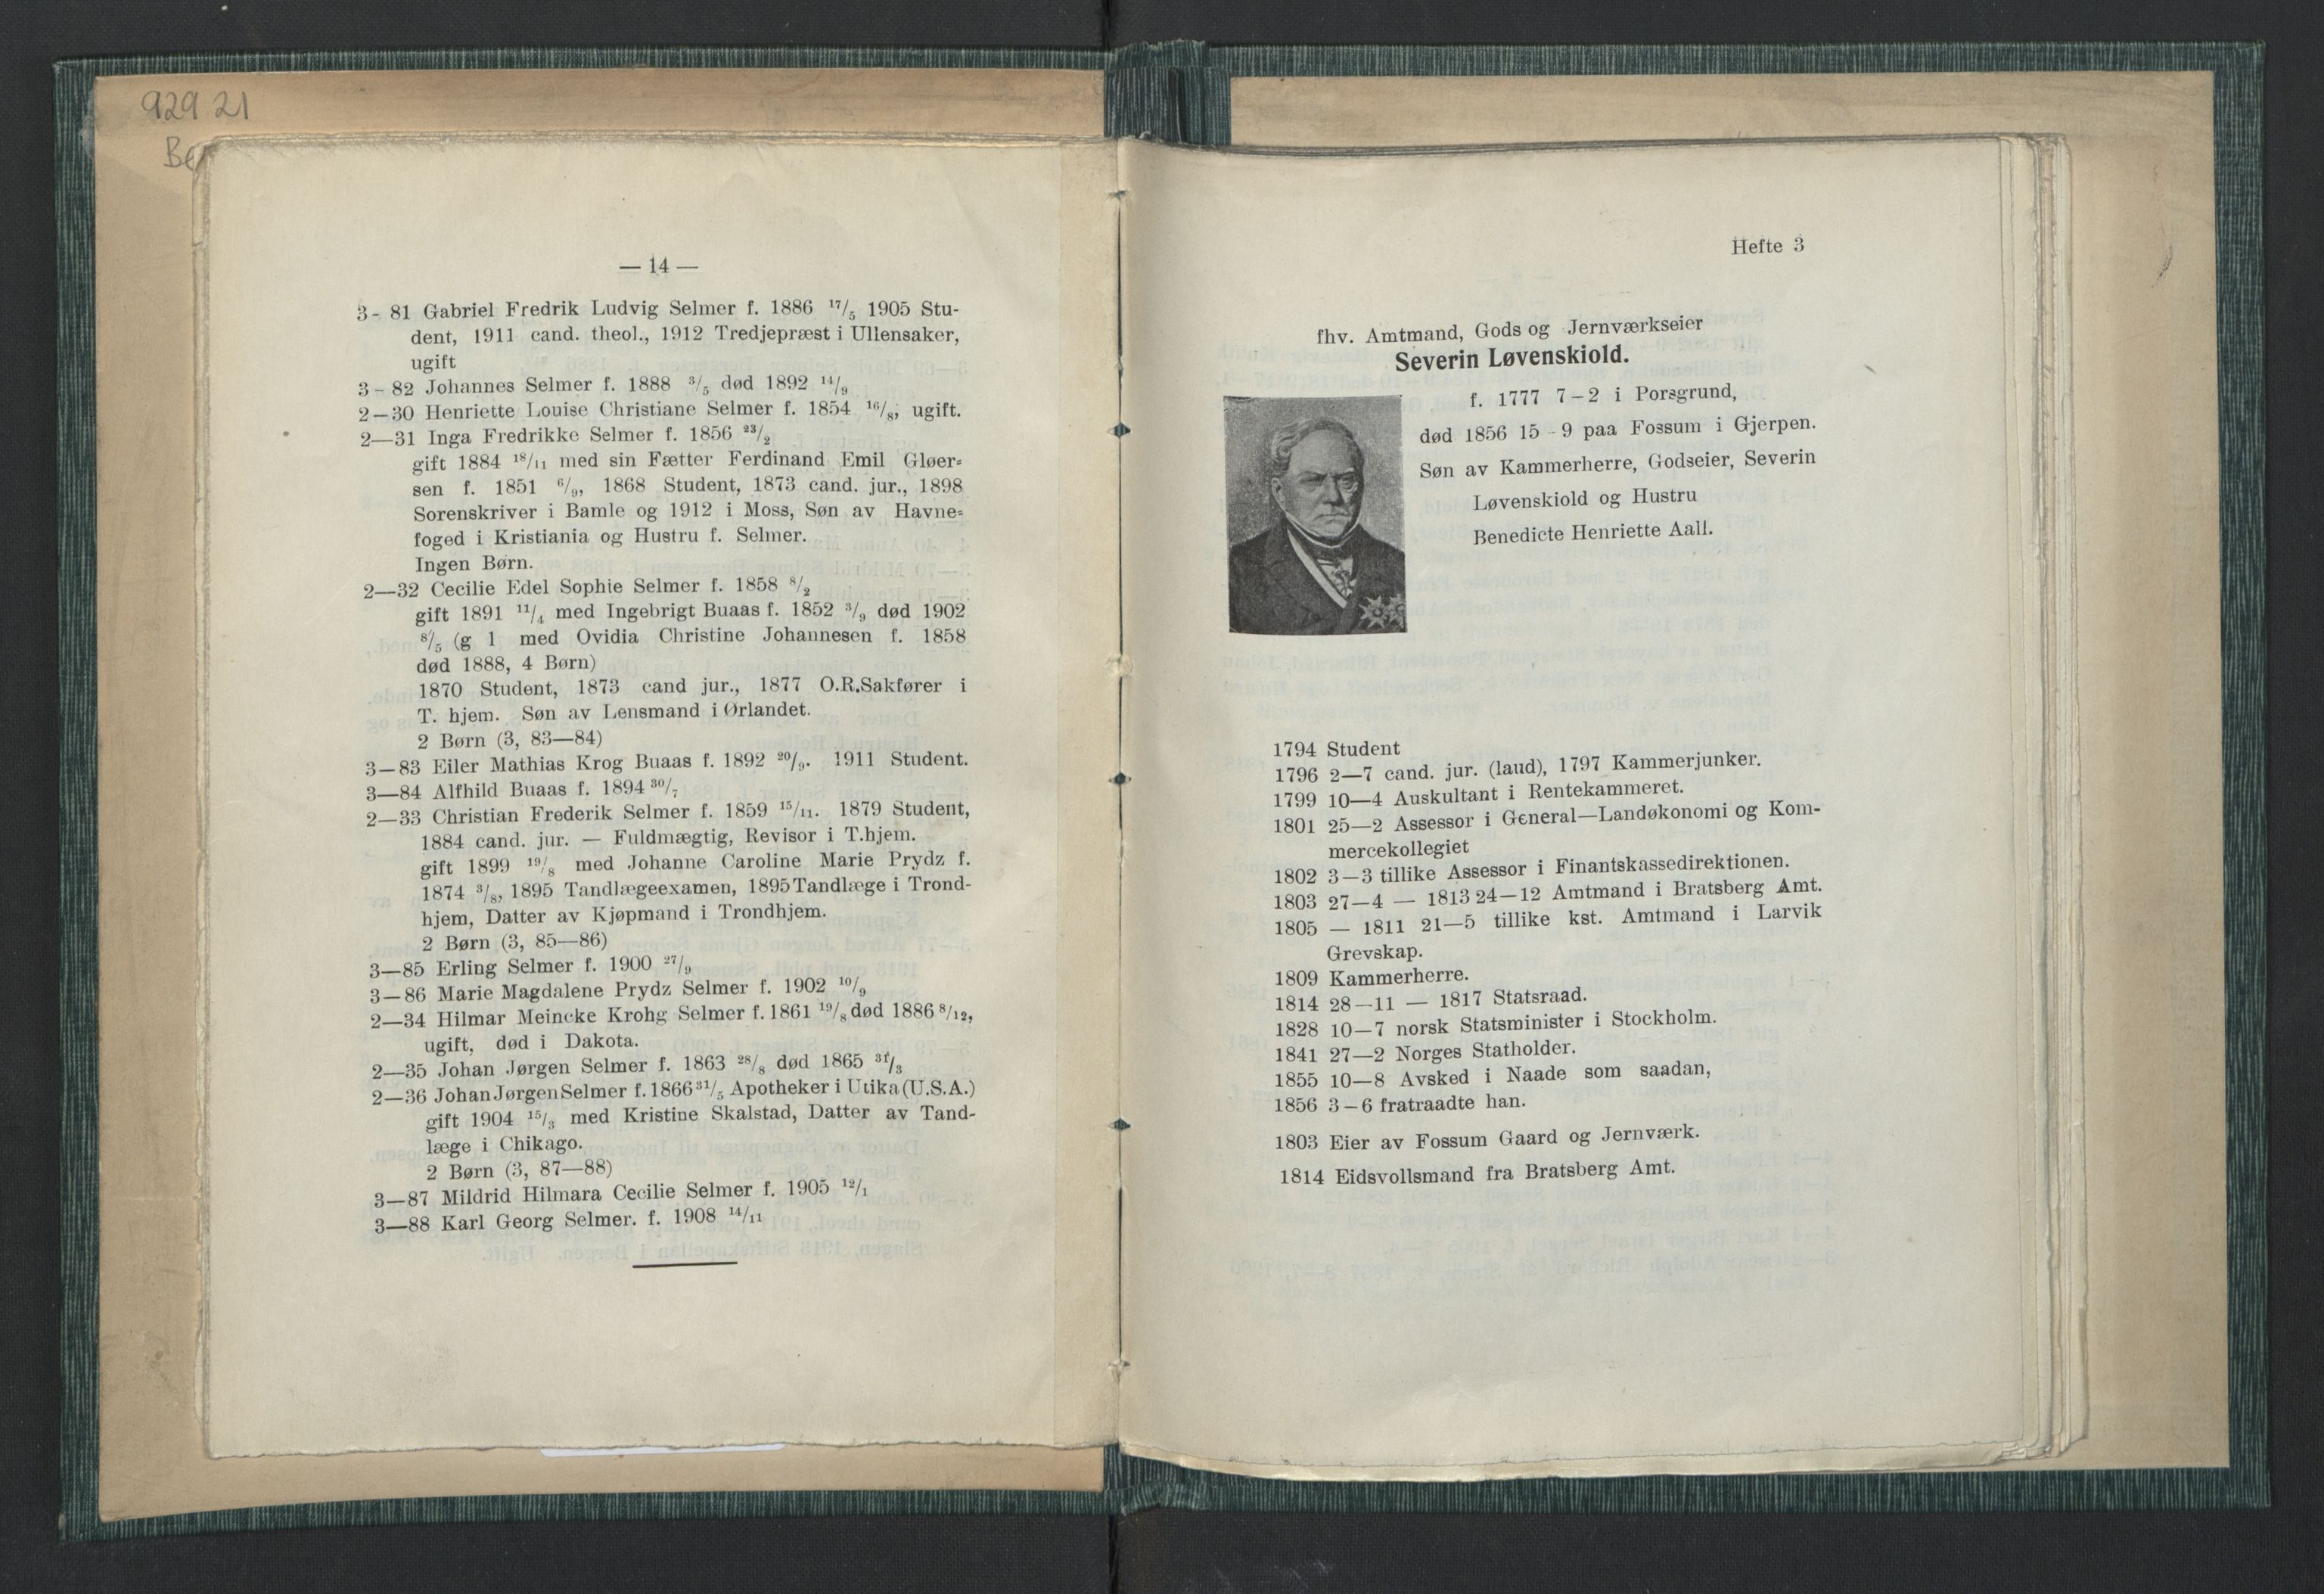 RA, Publikasjoner*, 1914, s. 13